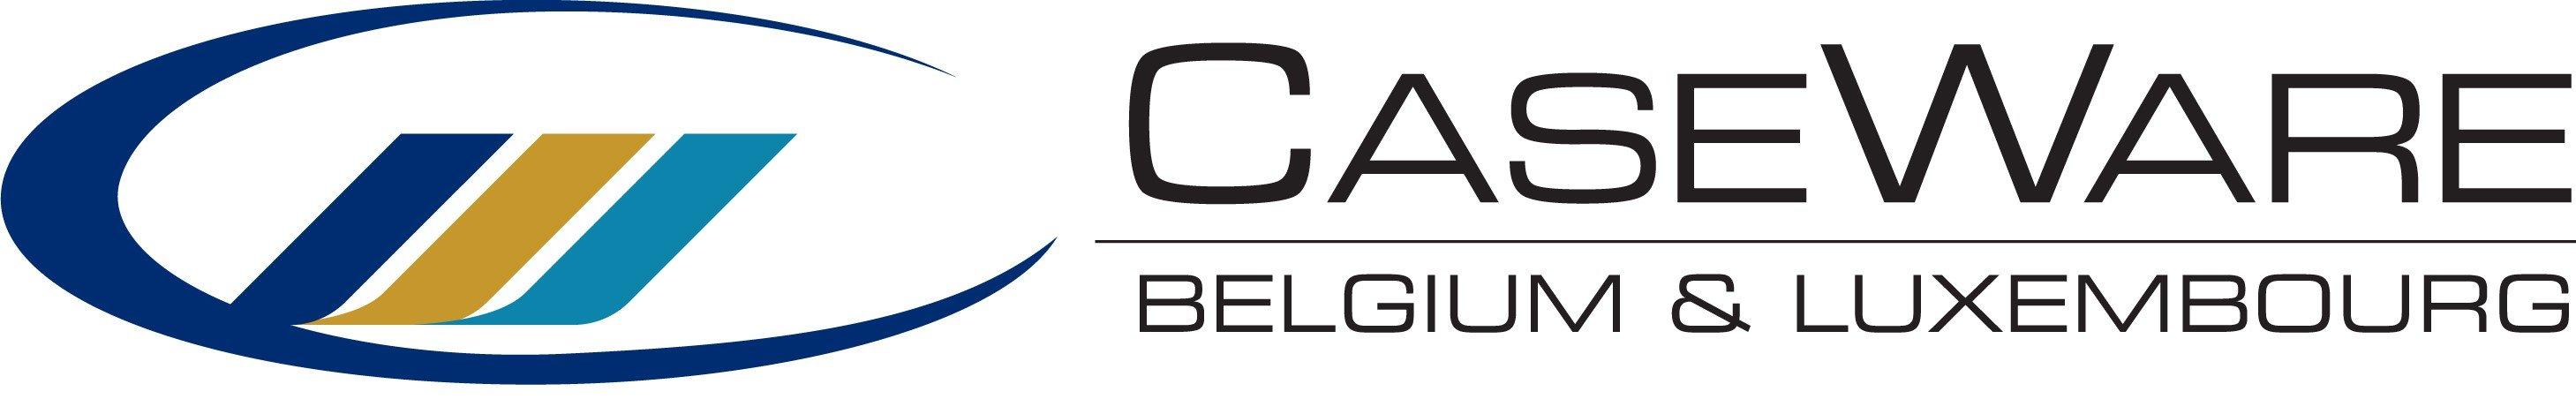 CaseWare_logo_4C_horz_belgium